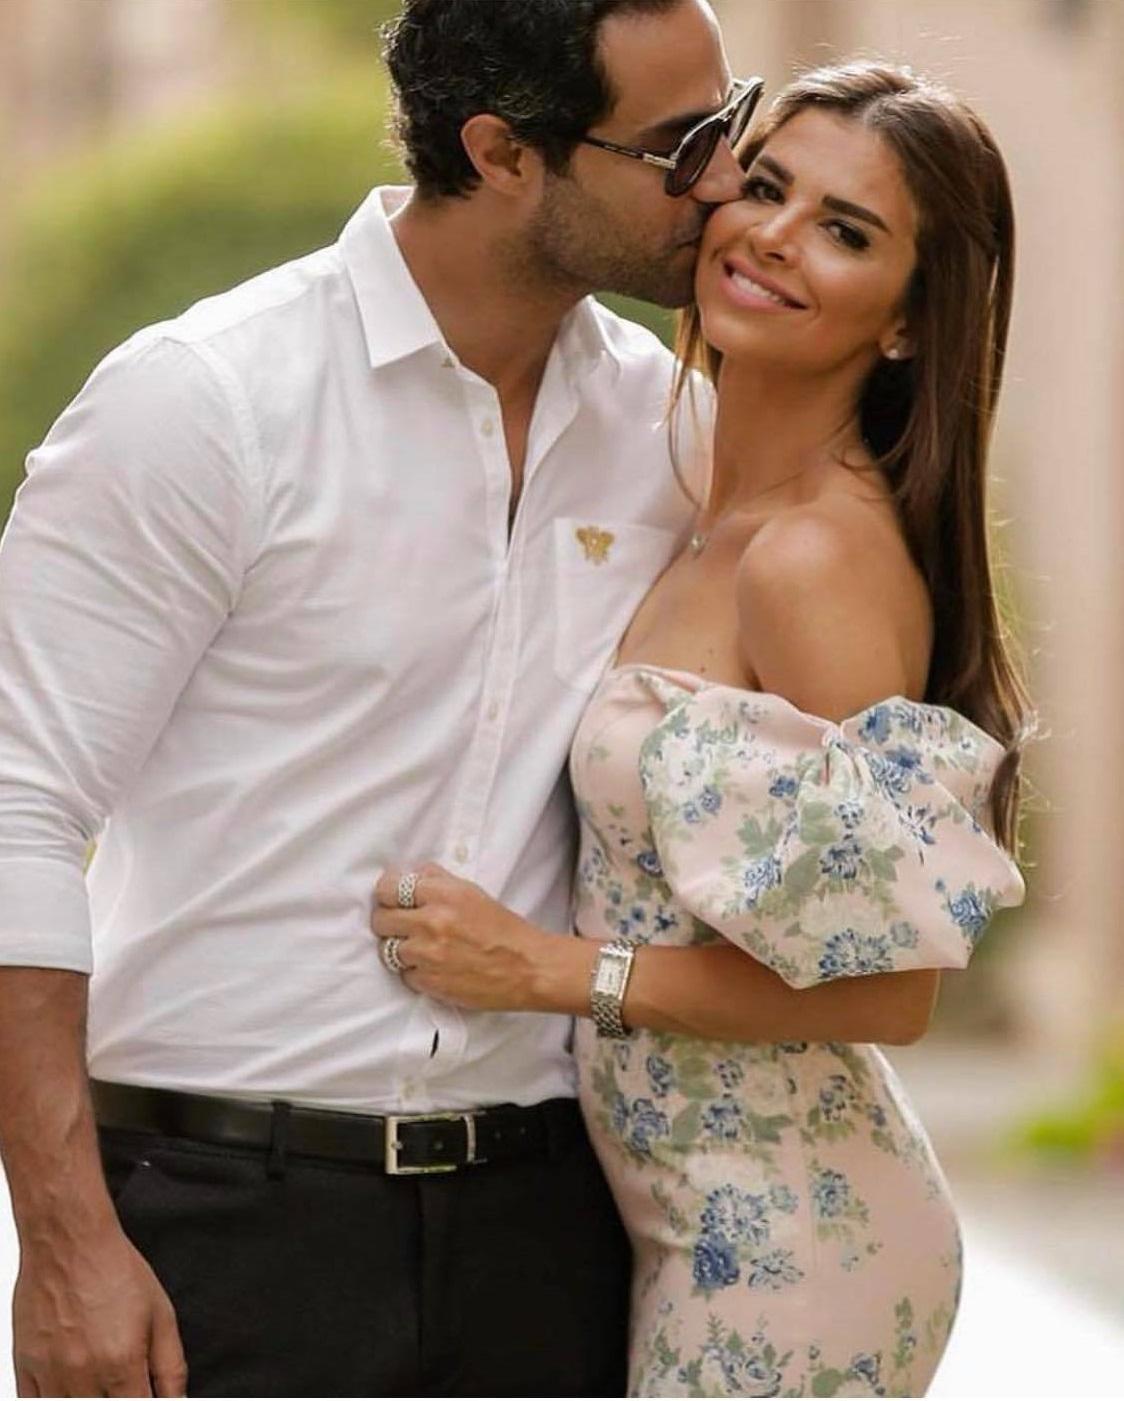 رومانسية كريم فهمي مع زوجته (2)